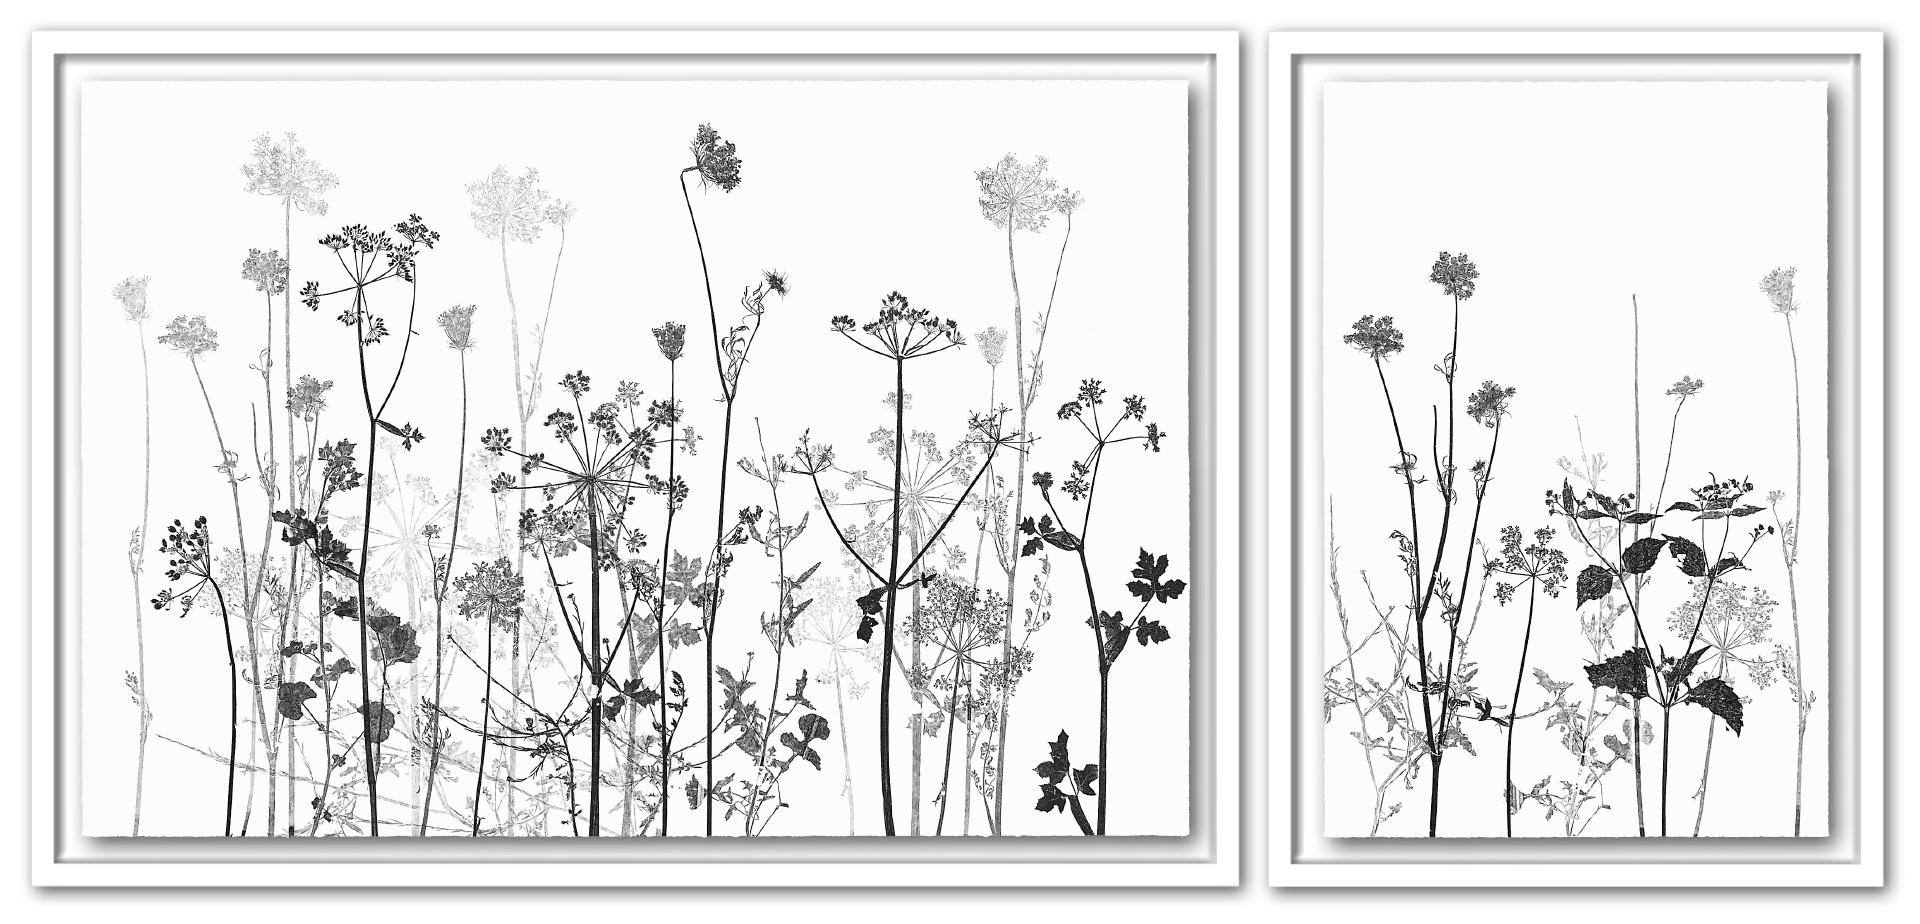 e.a. ... AM WEGESRAND | Unikat | 2-teilig | Monoprint von Wildblumen | 73 x 157 cm [gerahmt] | 2020